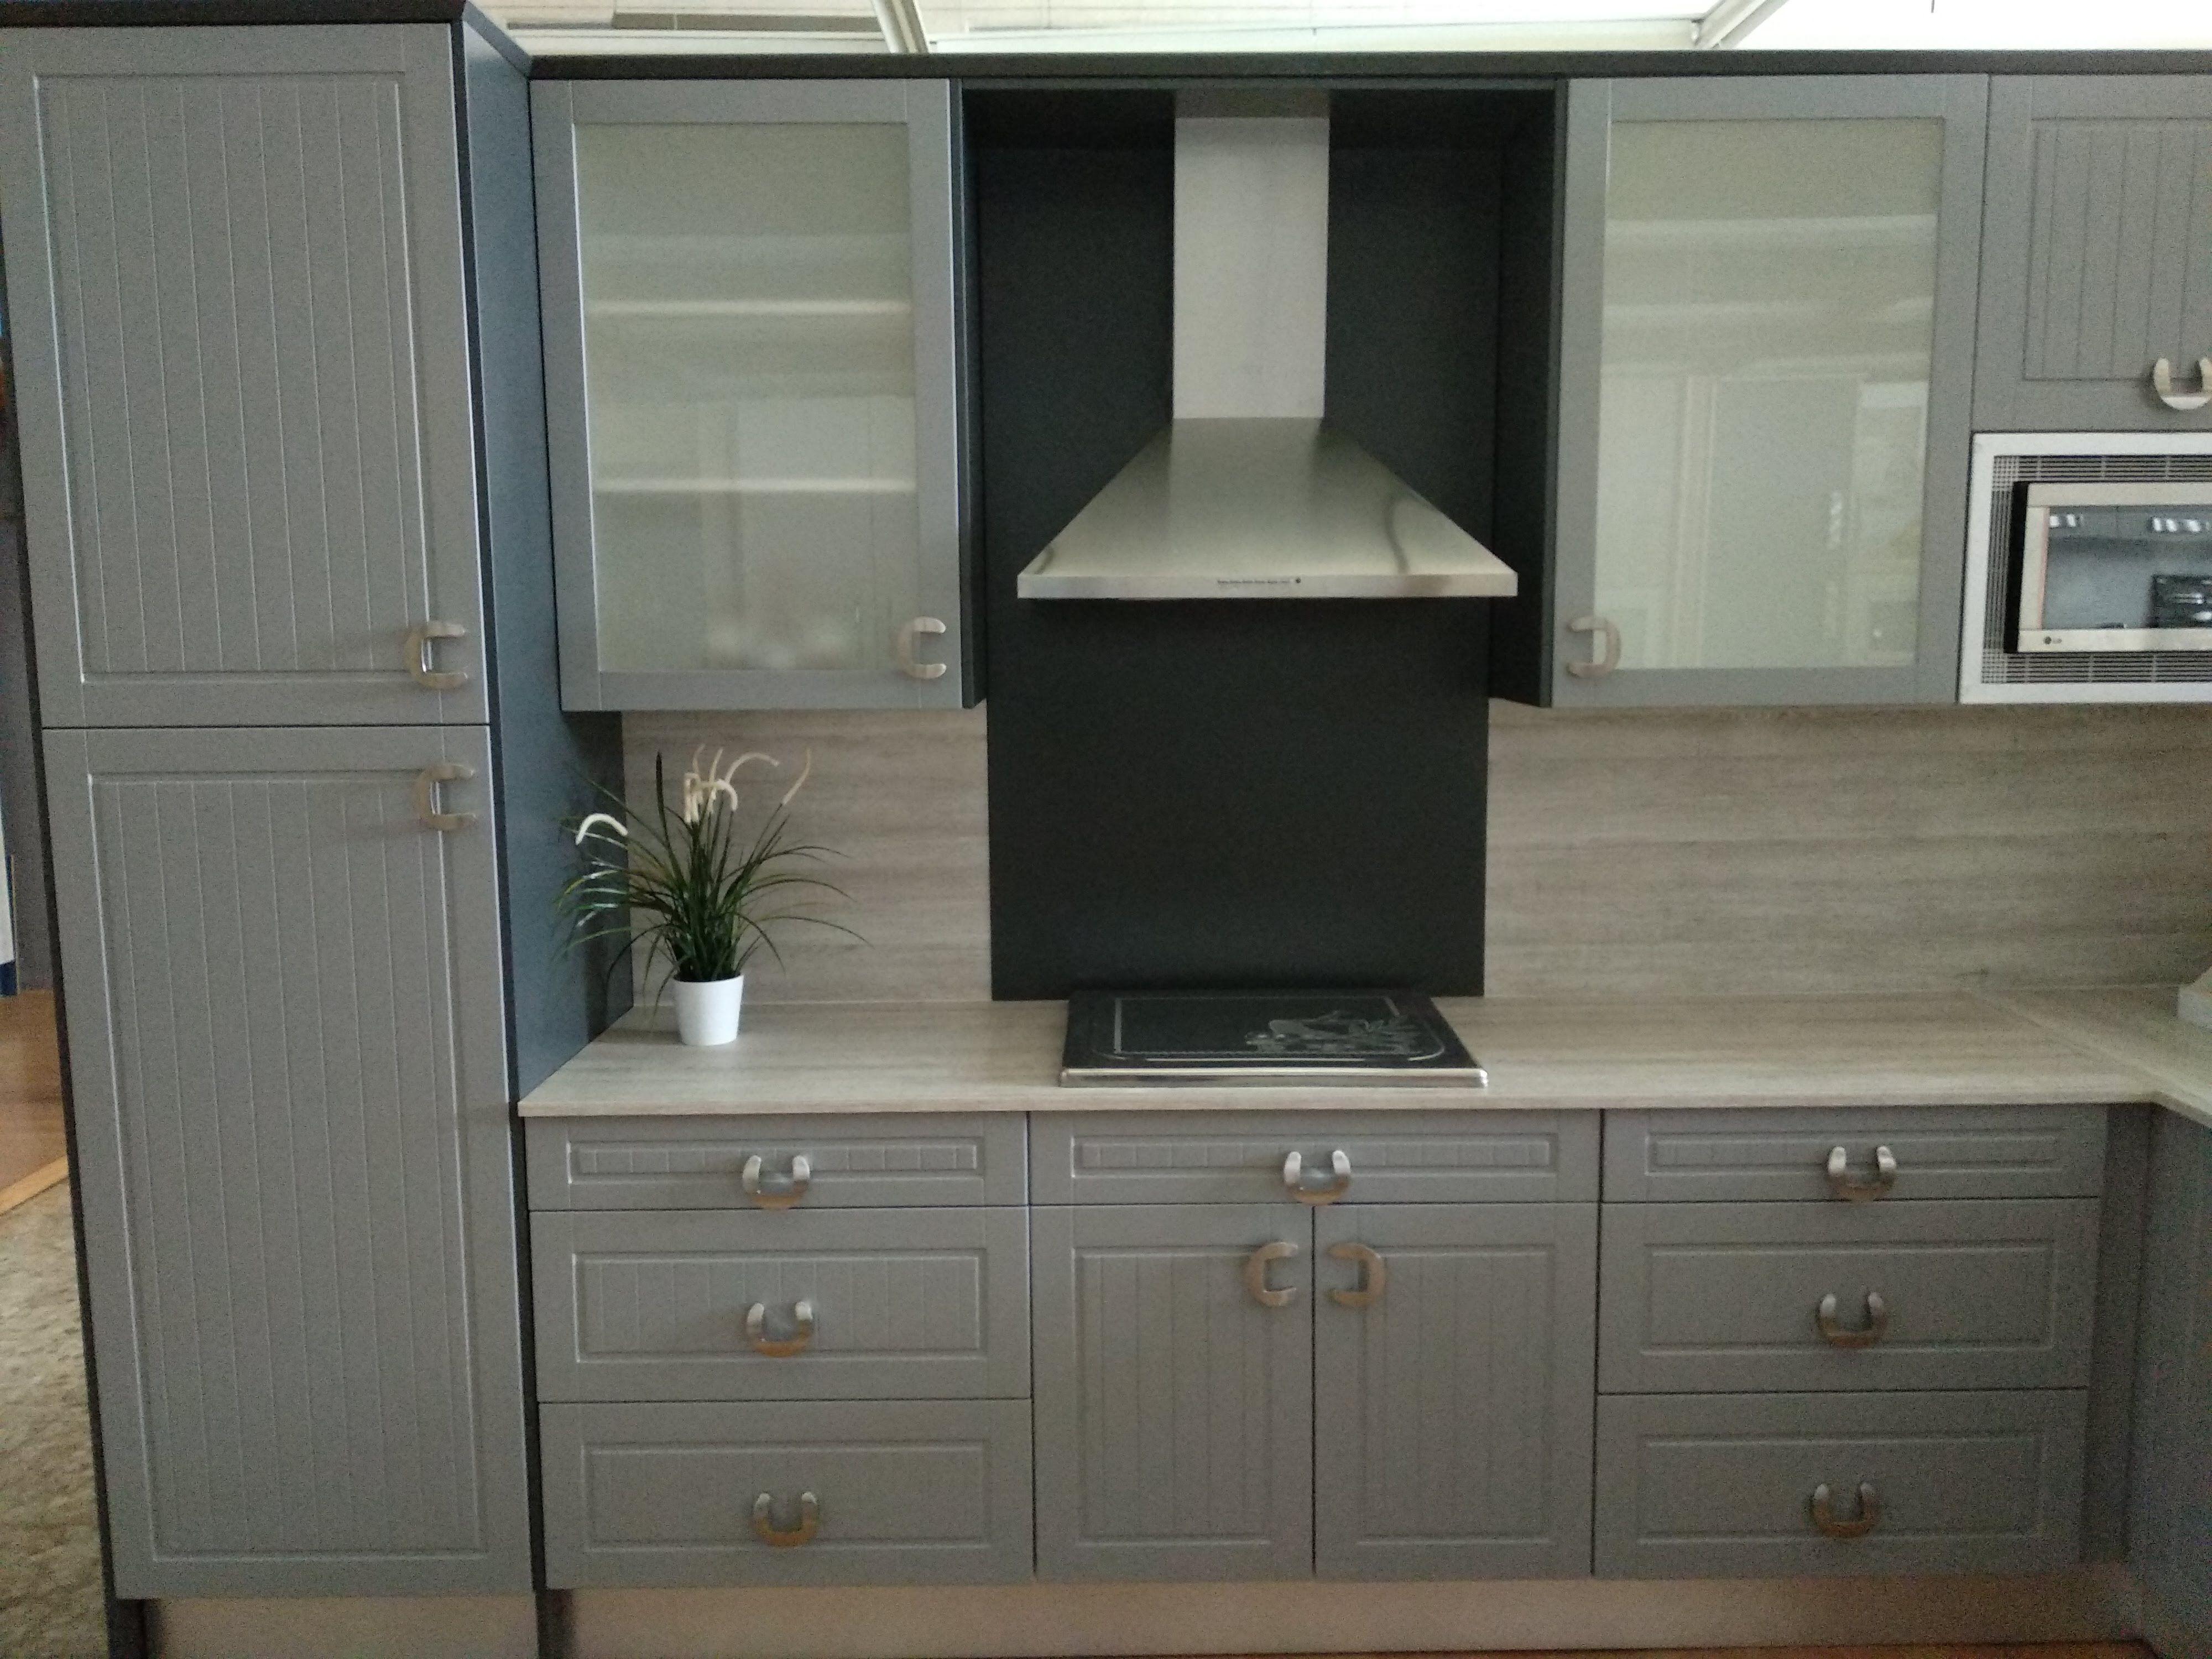 Fábrica de muebles de cocina en Fuenlabrada - Muebles Sacoba